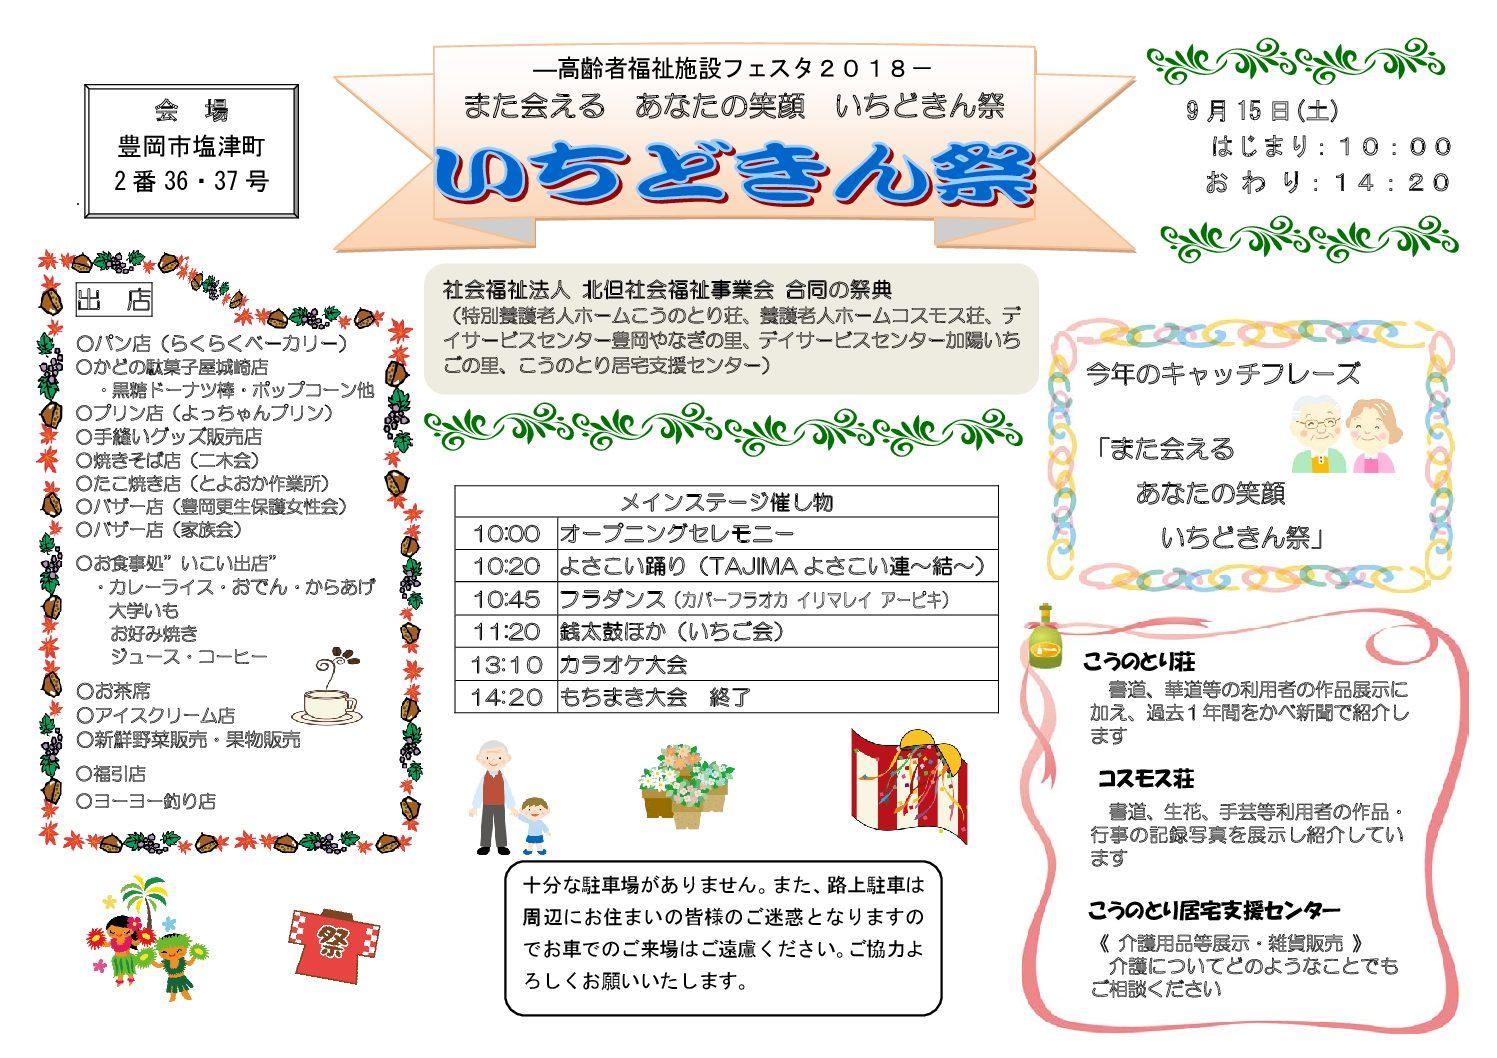 いちどきん祭のパンフレットが完成しました!!